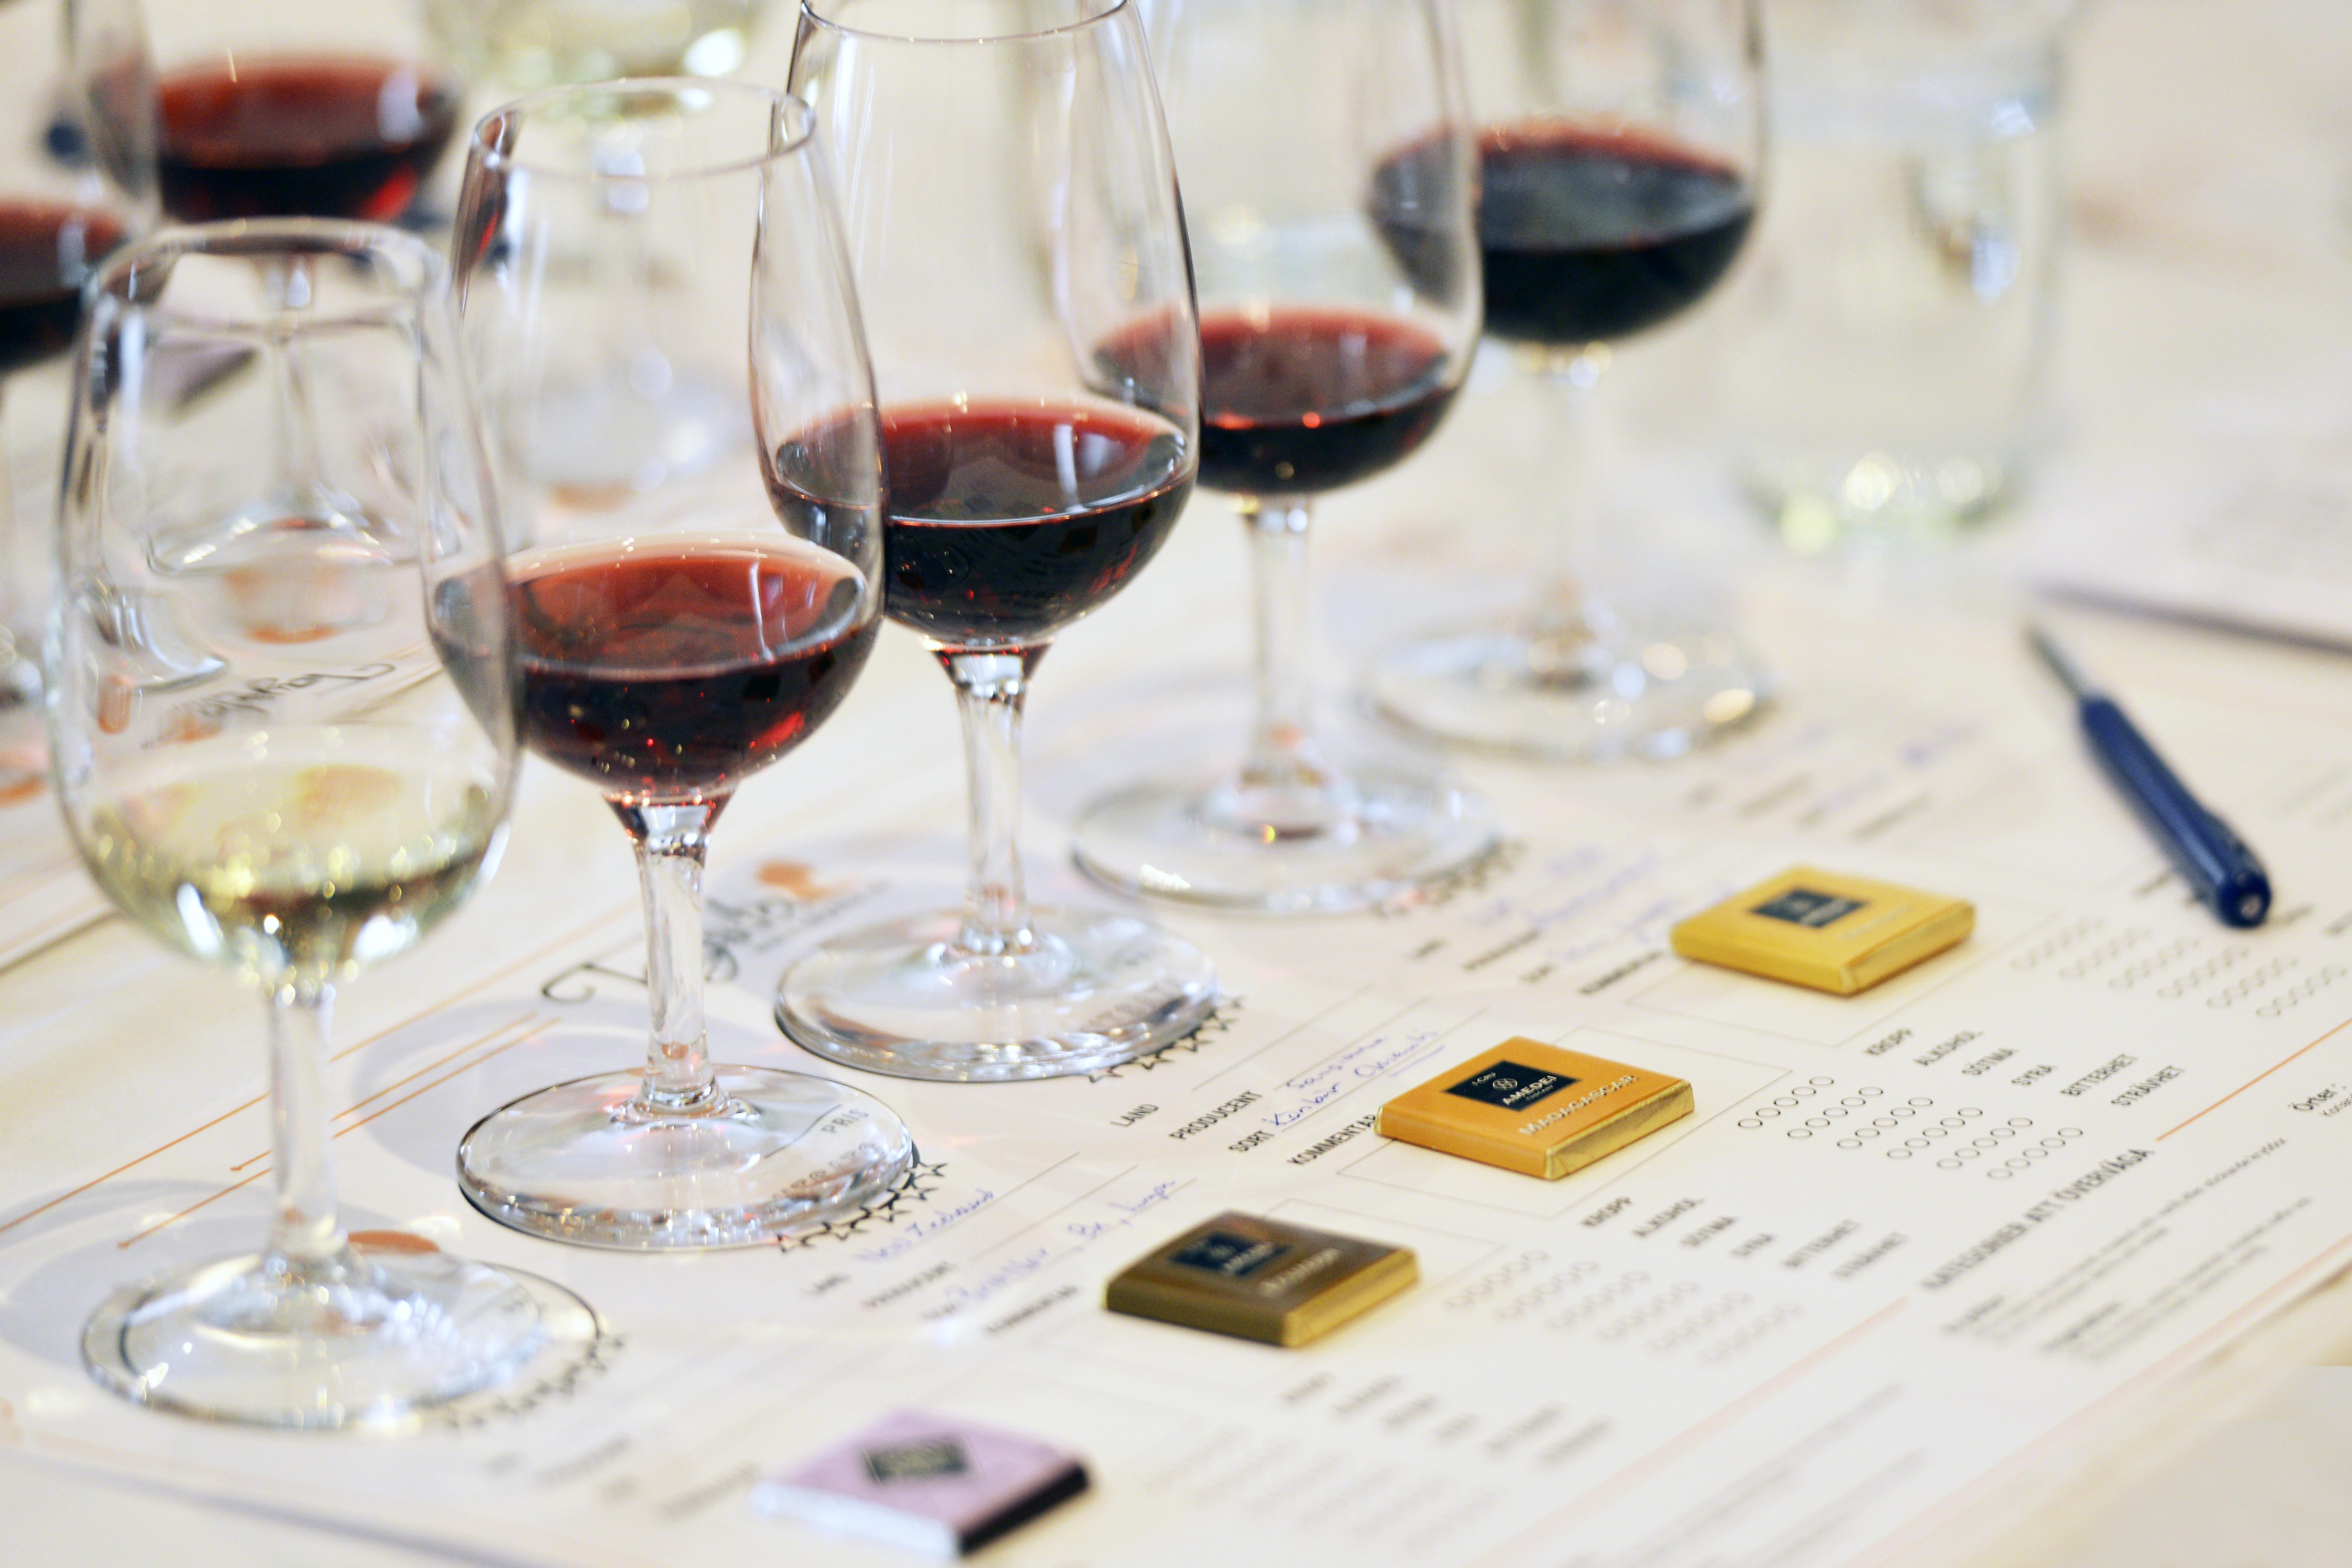 Choklad och Vinprovning i Örebro med fem olika viner och chokladsorter